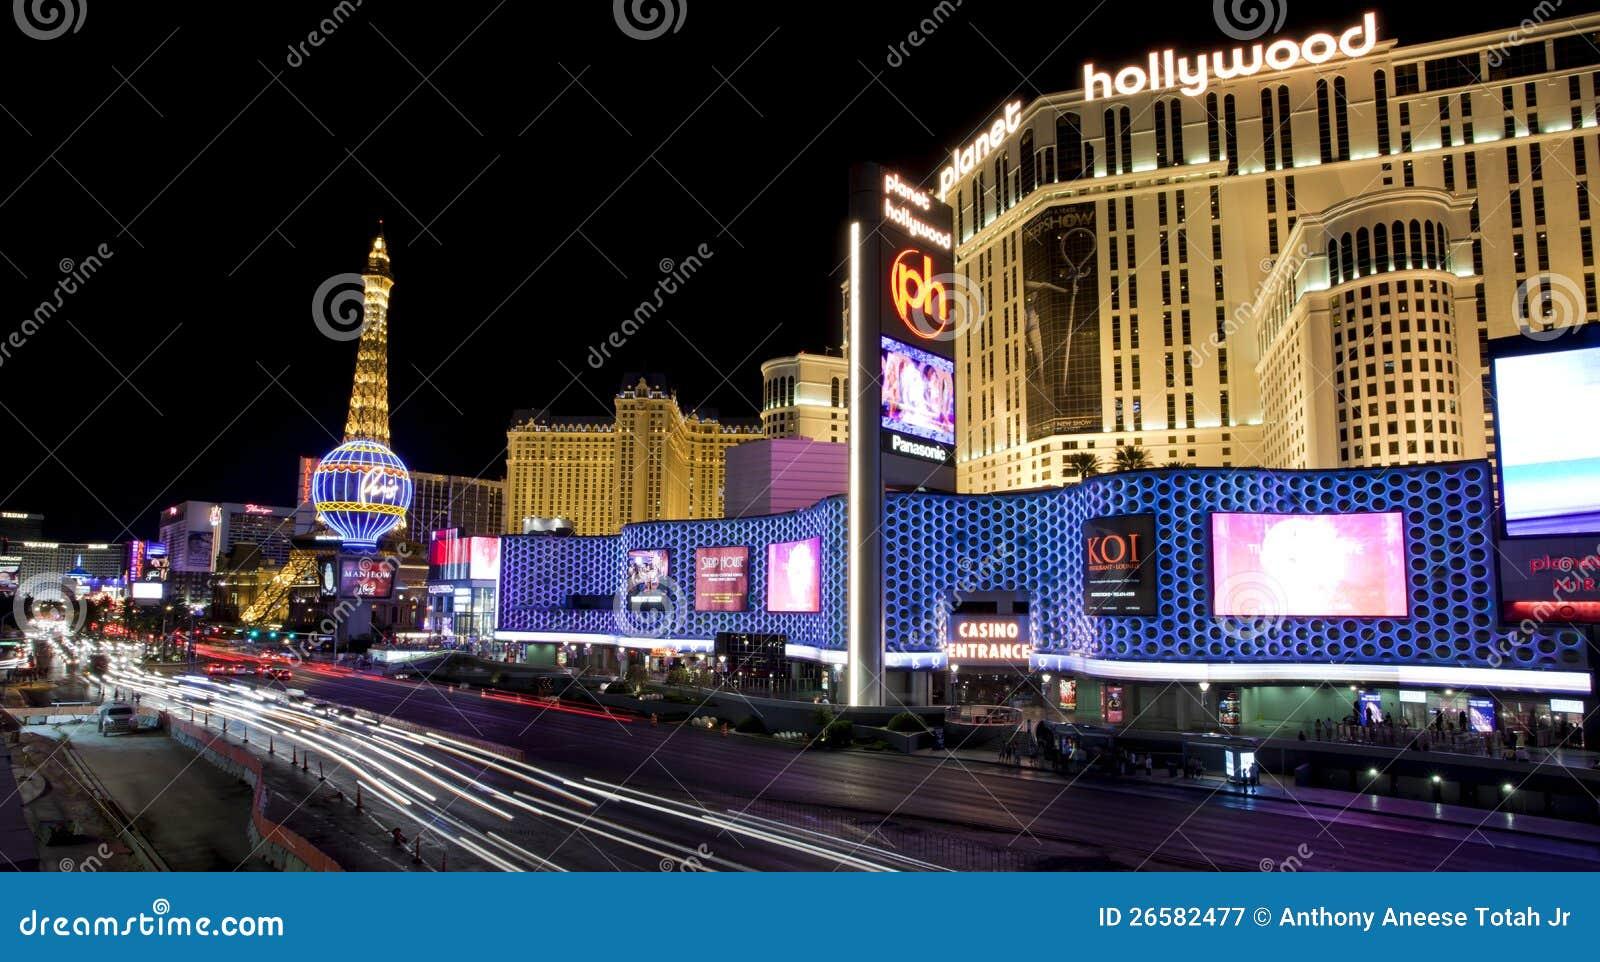 Casino Franzosisch